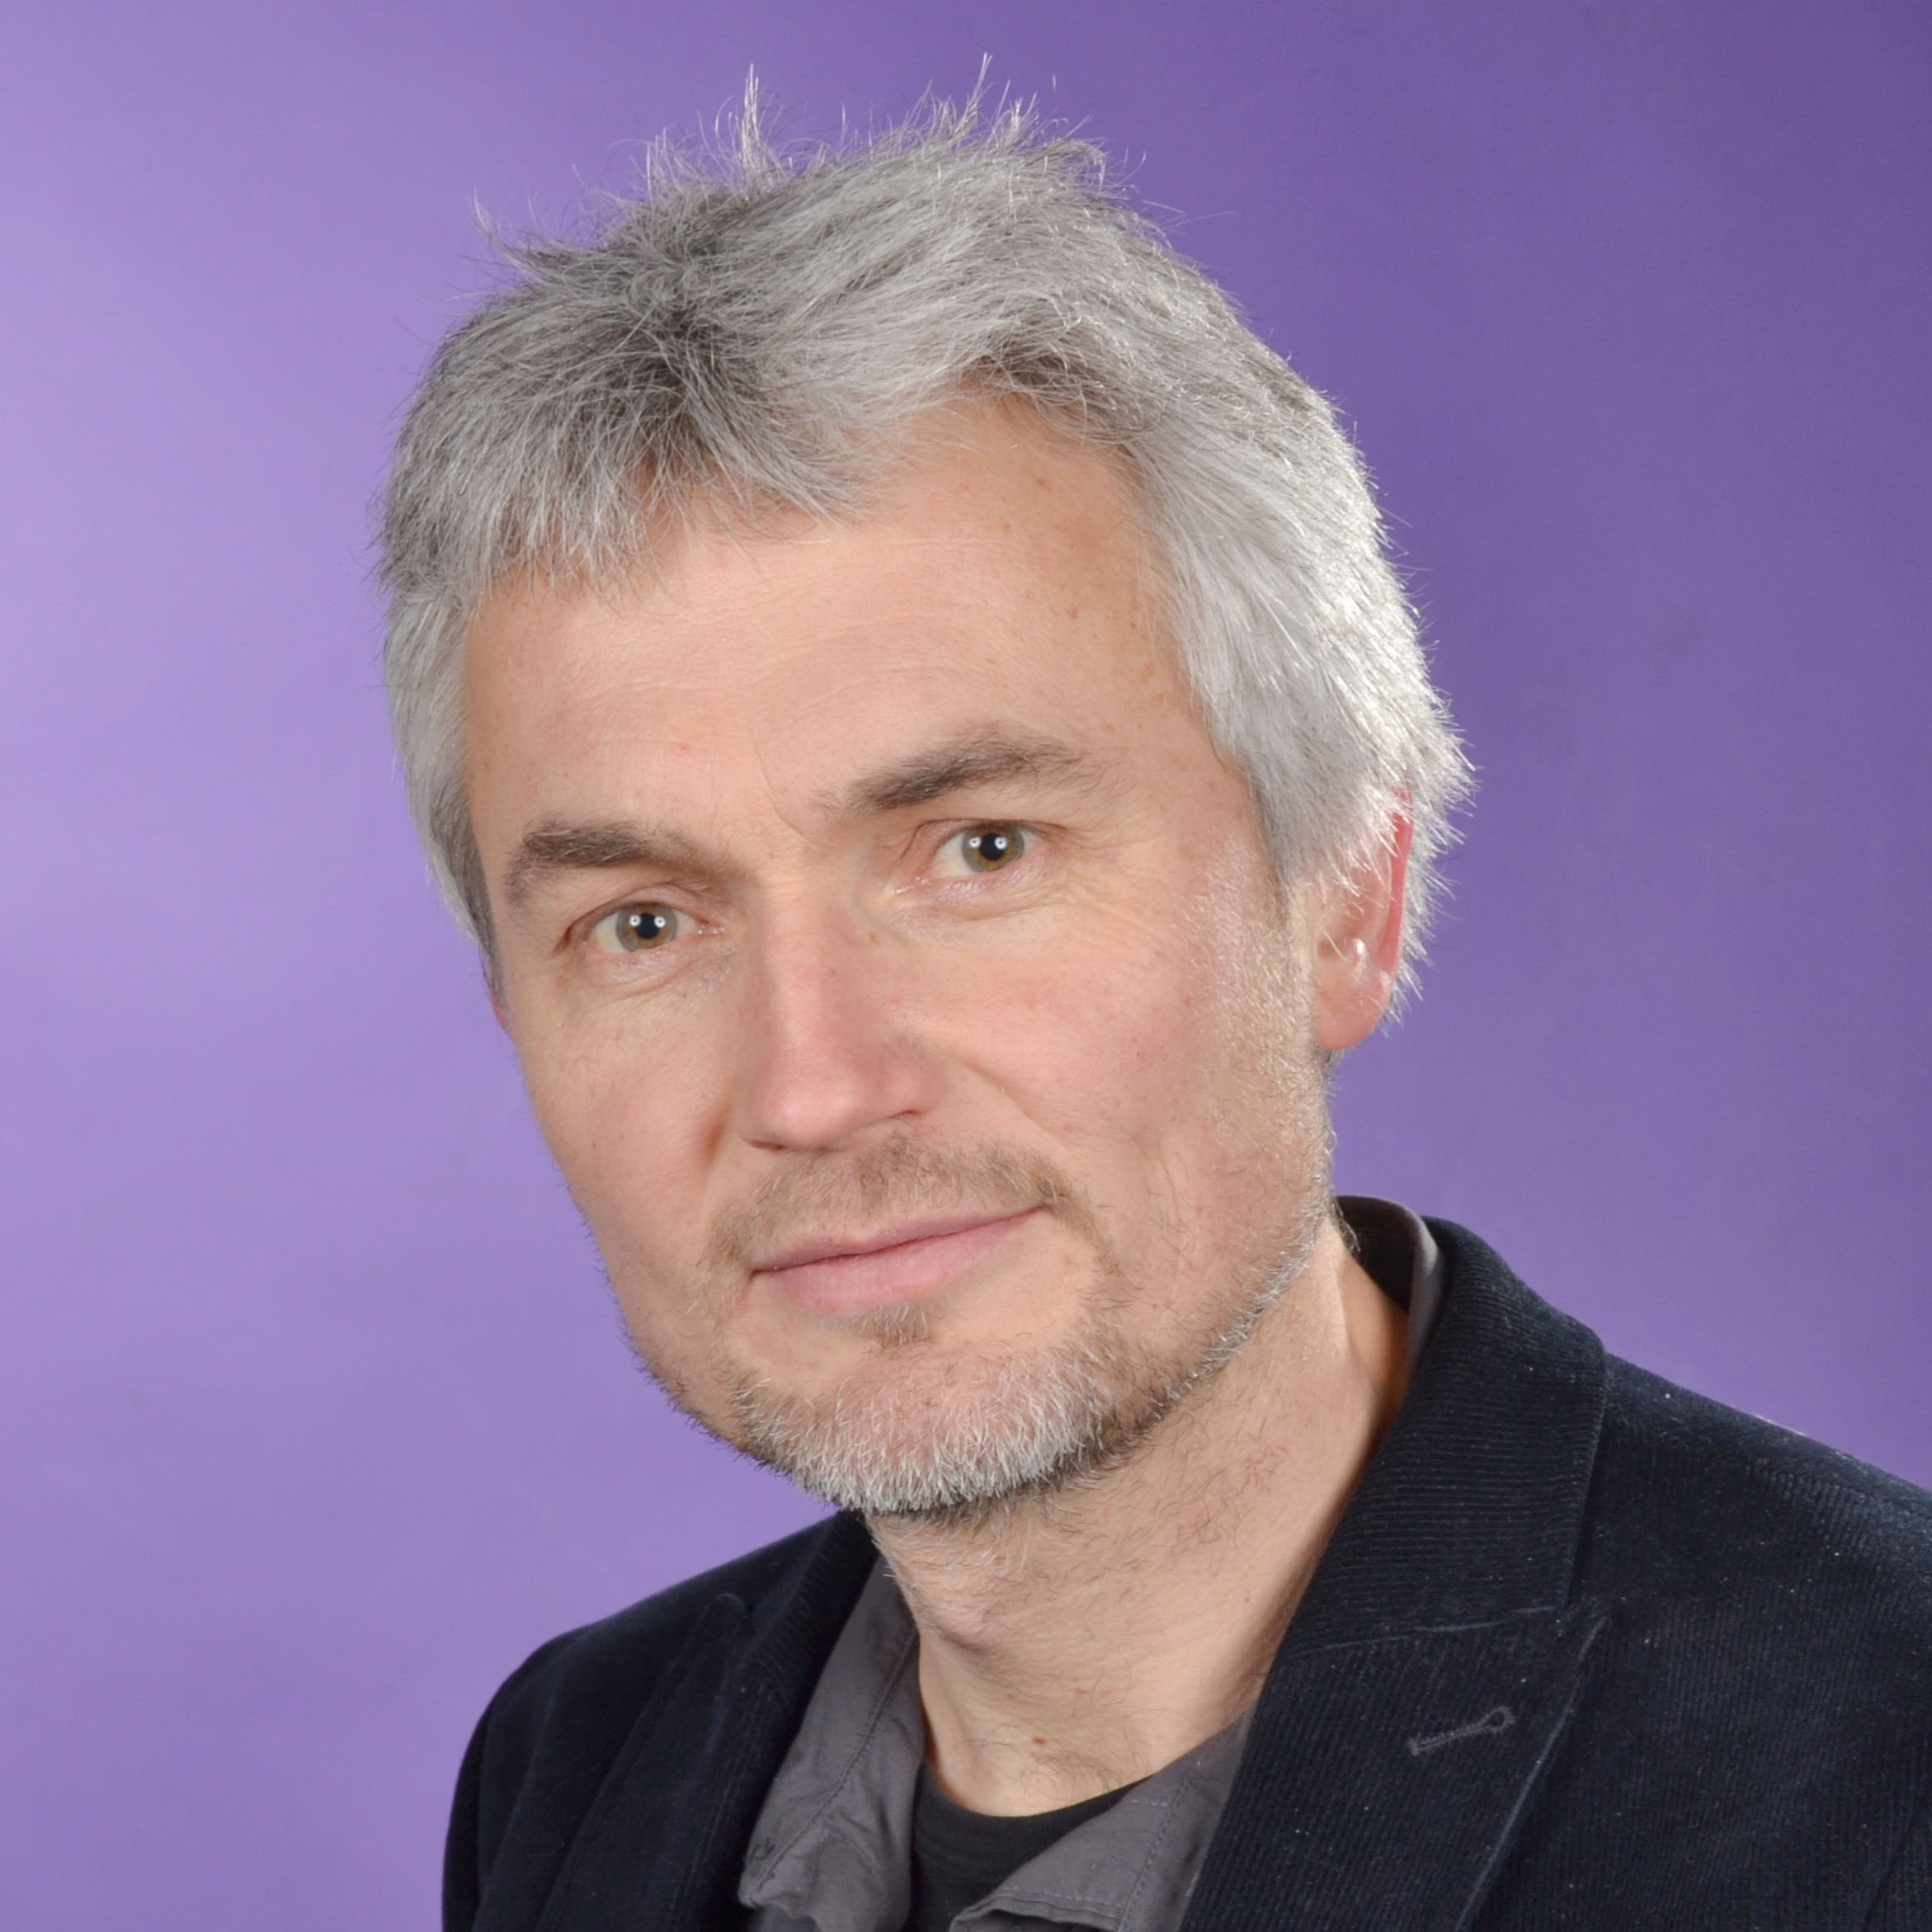 Holger Feist, Co-Founder Q-Cells & Philanthropist